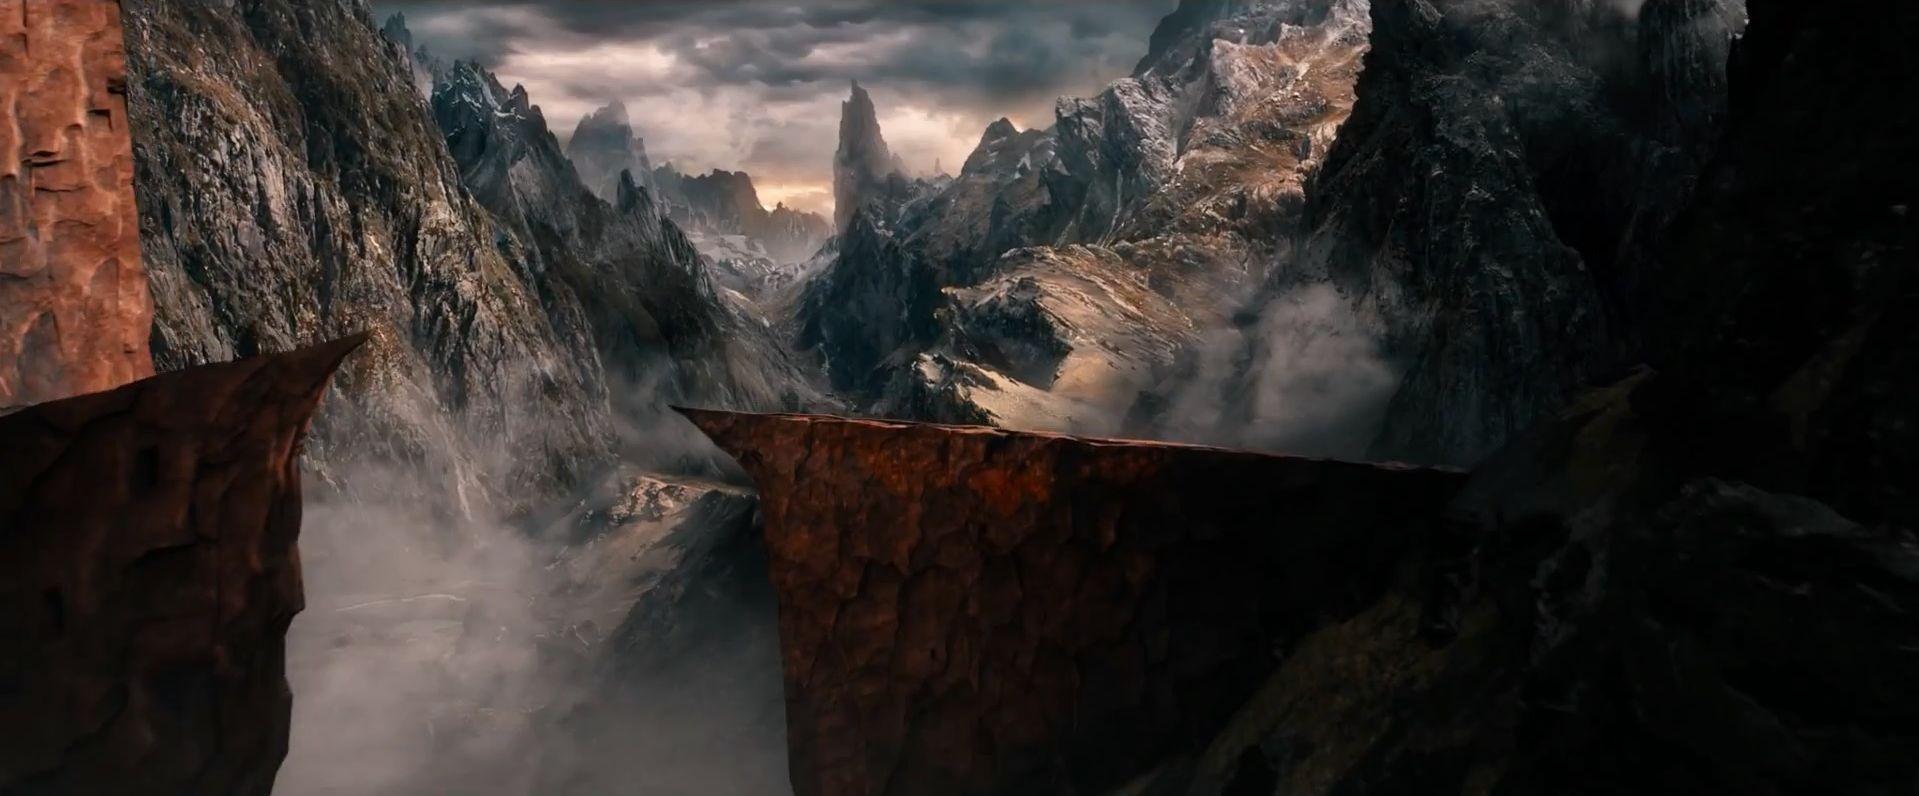 (Seguramente fue una orden de Sauron) ¿Cuál fue la principal razón por la que el Rey Brujo creó el Reino de Angmar?